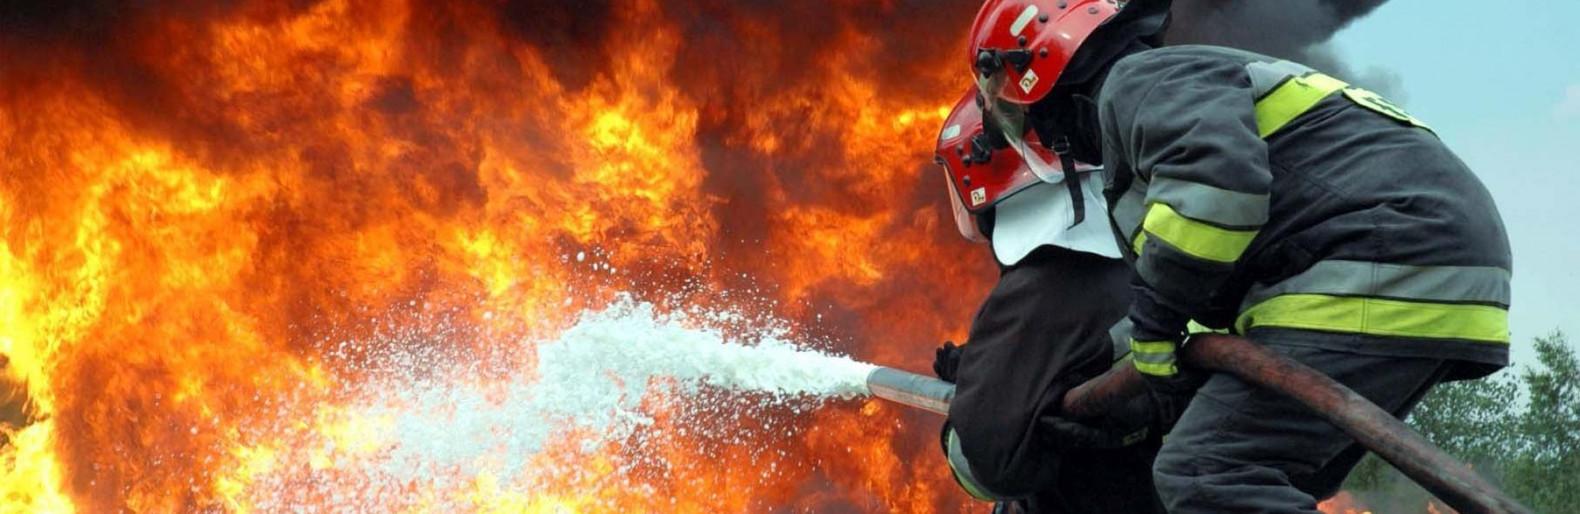 На Кременеччині посеред поля загорілось авто